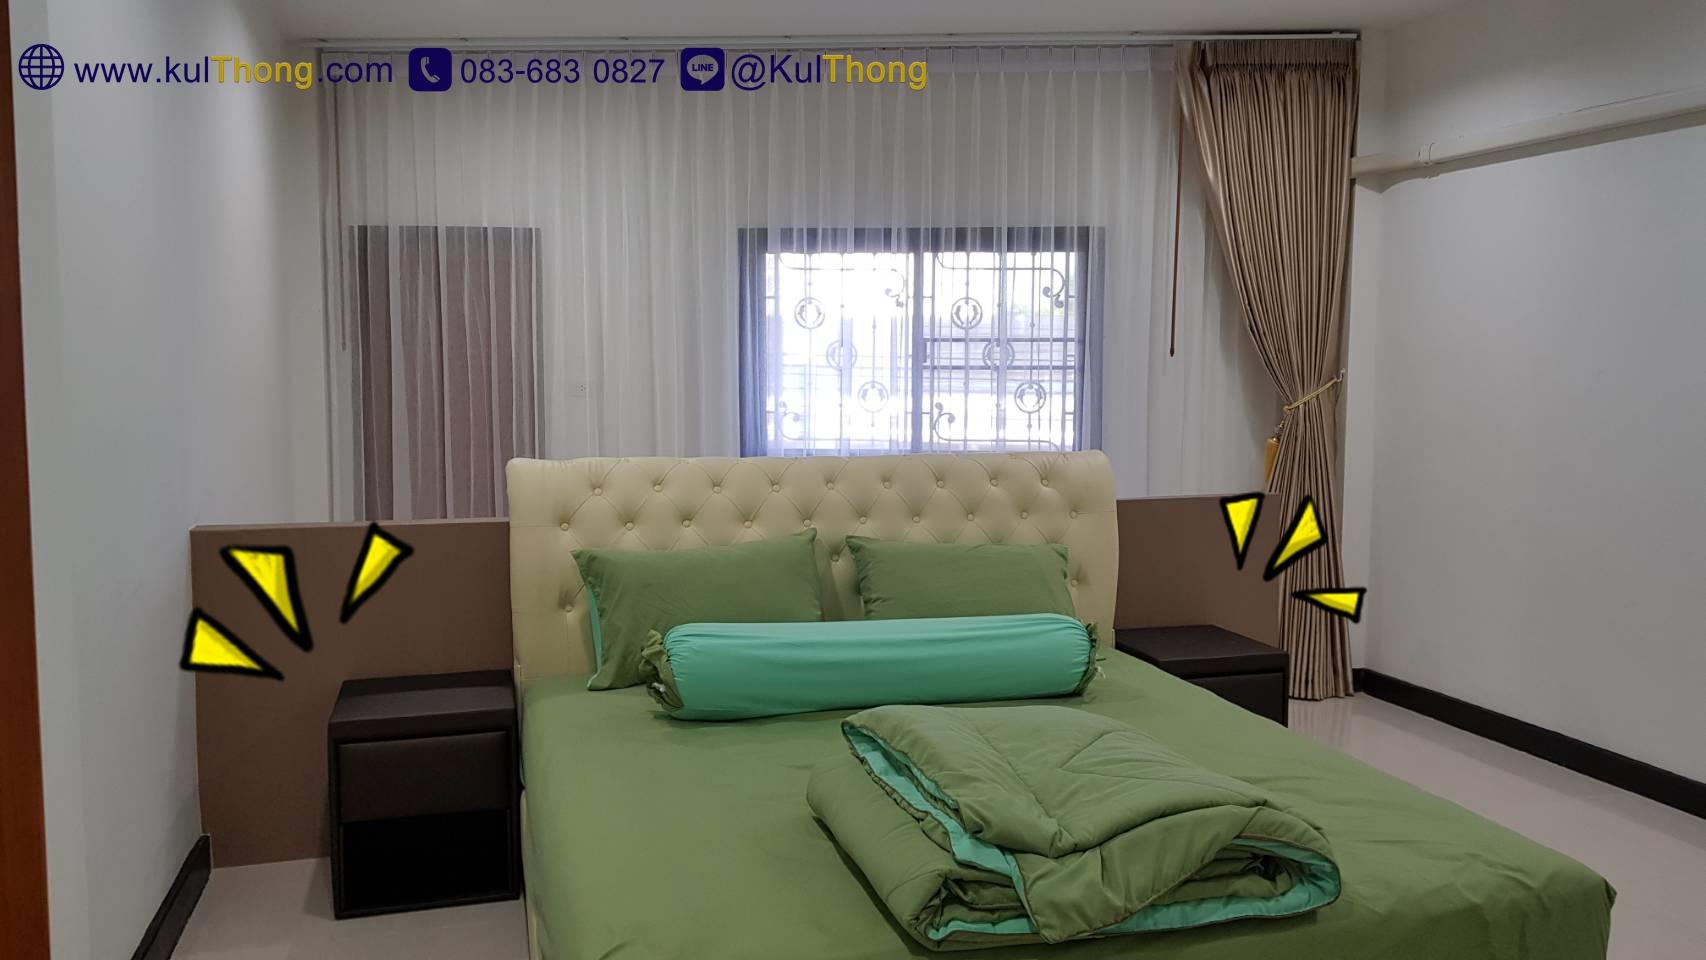 ตู้ข้างเตียงมีลิ้นชัก ตู้เก็บของหัวเตียง ตู้มีลิ้นชักหัวเตียง